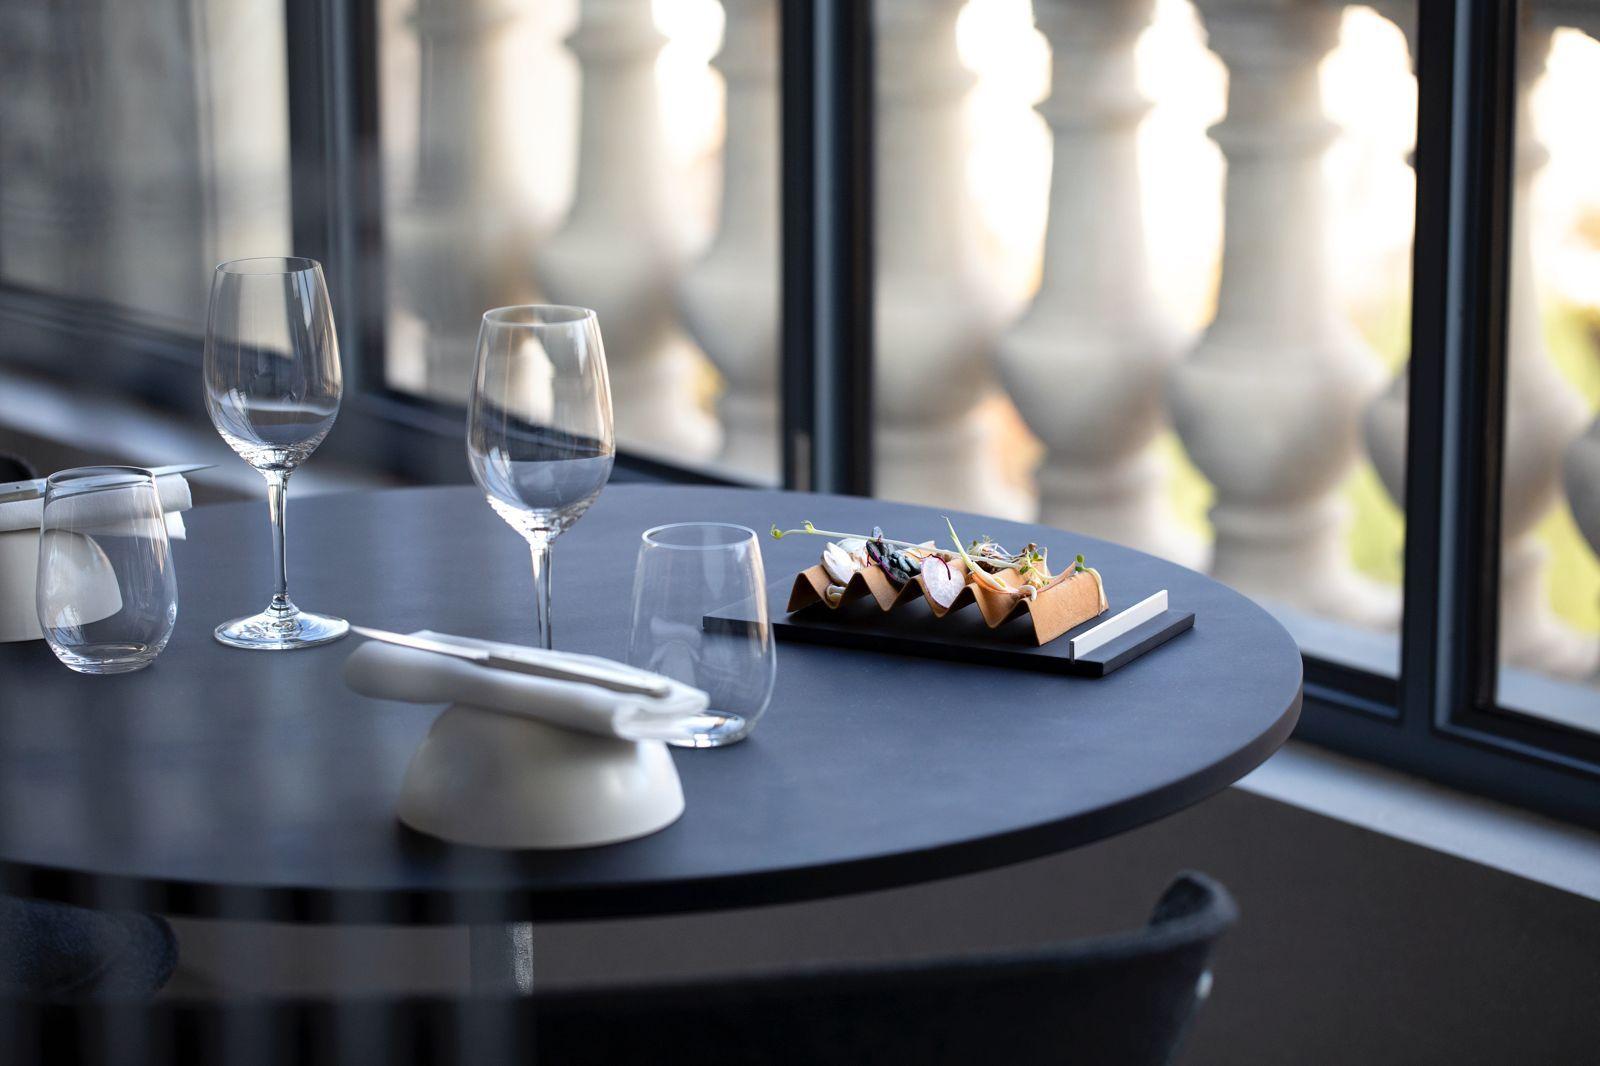 couteaux de table Halle aux Grains fabriqués par Forge de Laguiole